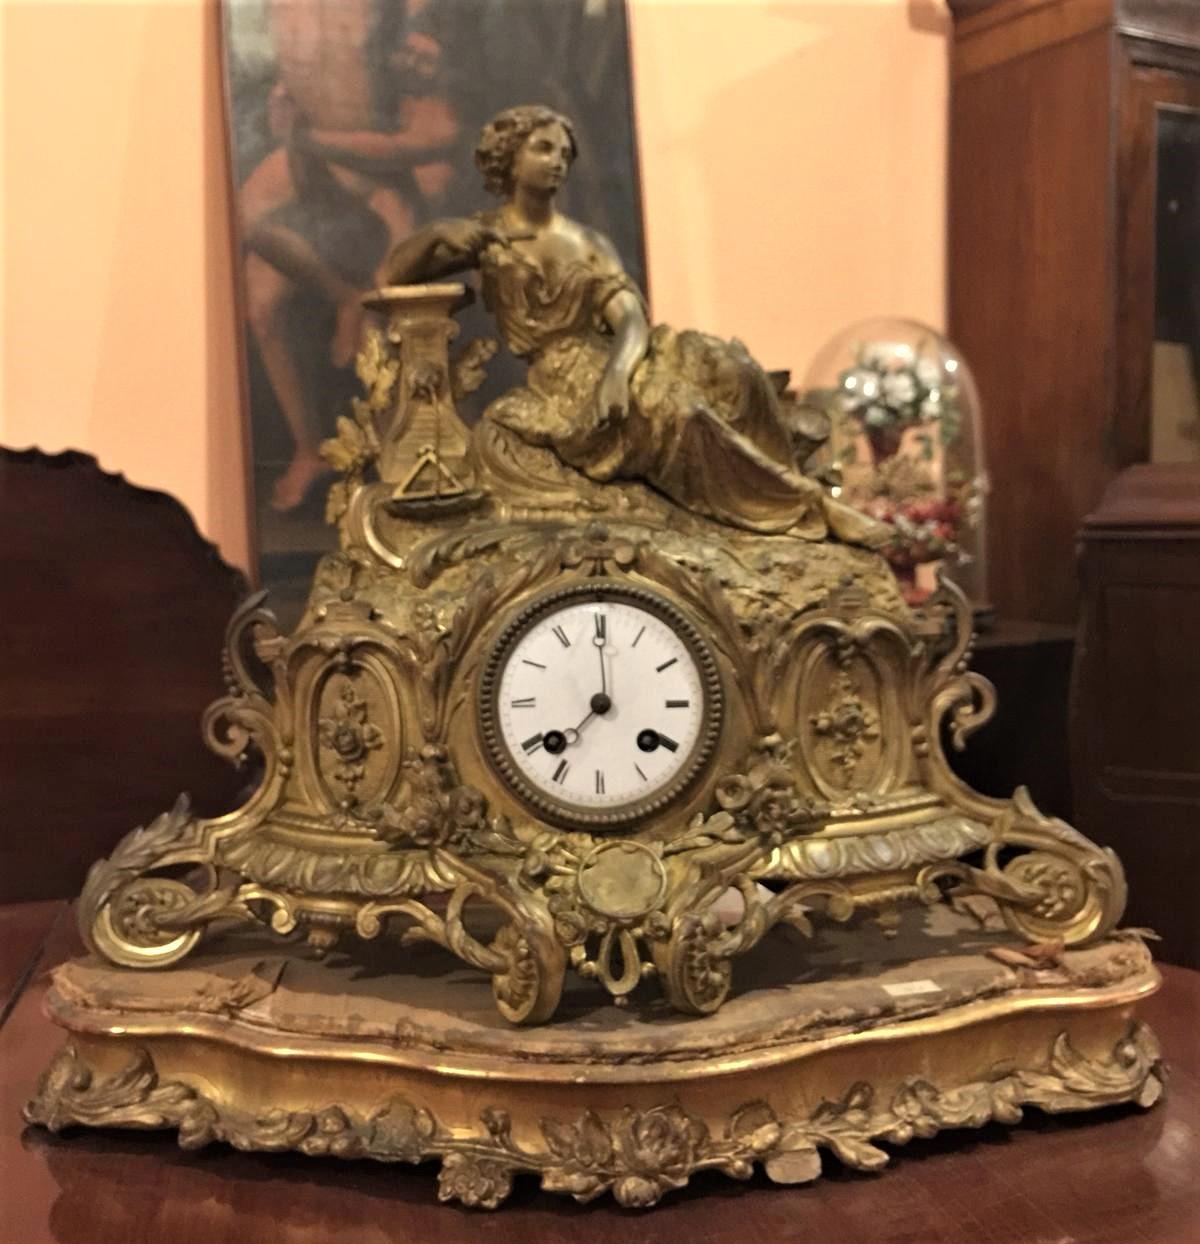 Orologio da tavolo con movimento a pendolo epoca napoleone iii antiquariato su anticoantico - Orologio a pendolo da tavolo ...